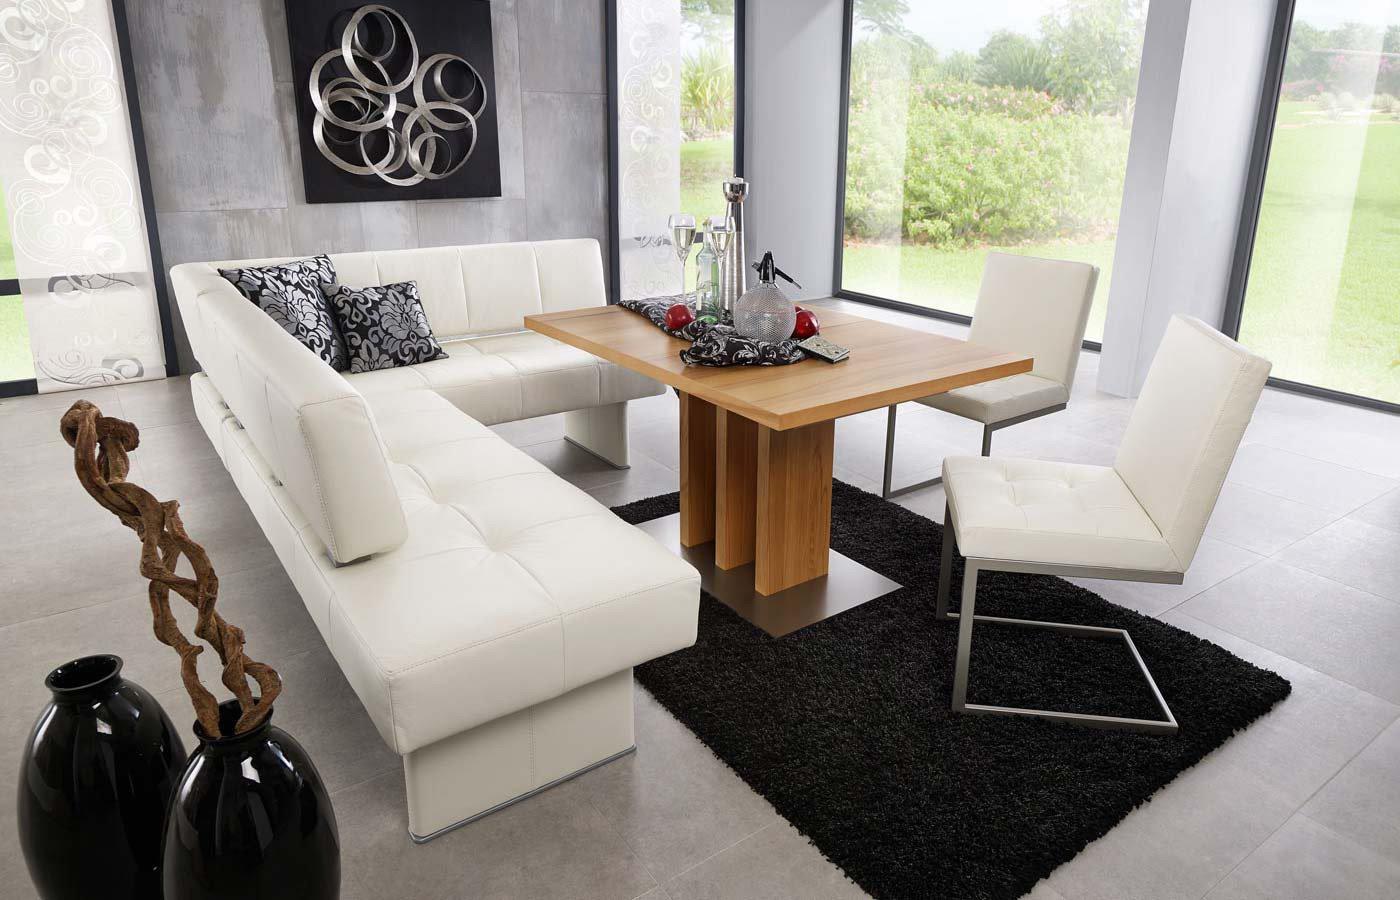 Eckbankgruppe weiß leder  K+W Silaxx Eckbank Spider in Weiß | Möbel Letz - Ihr